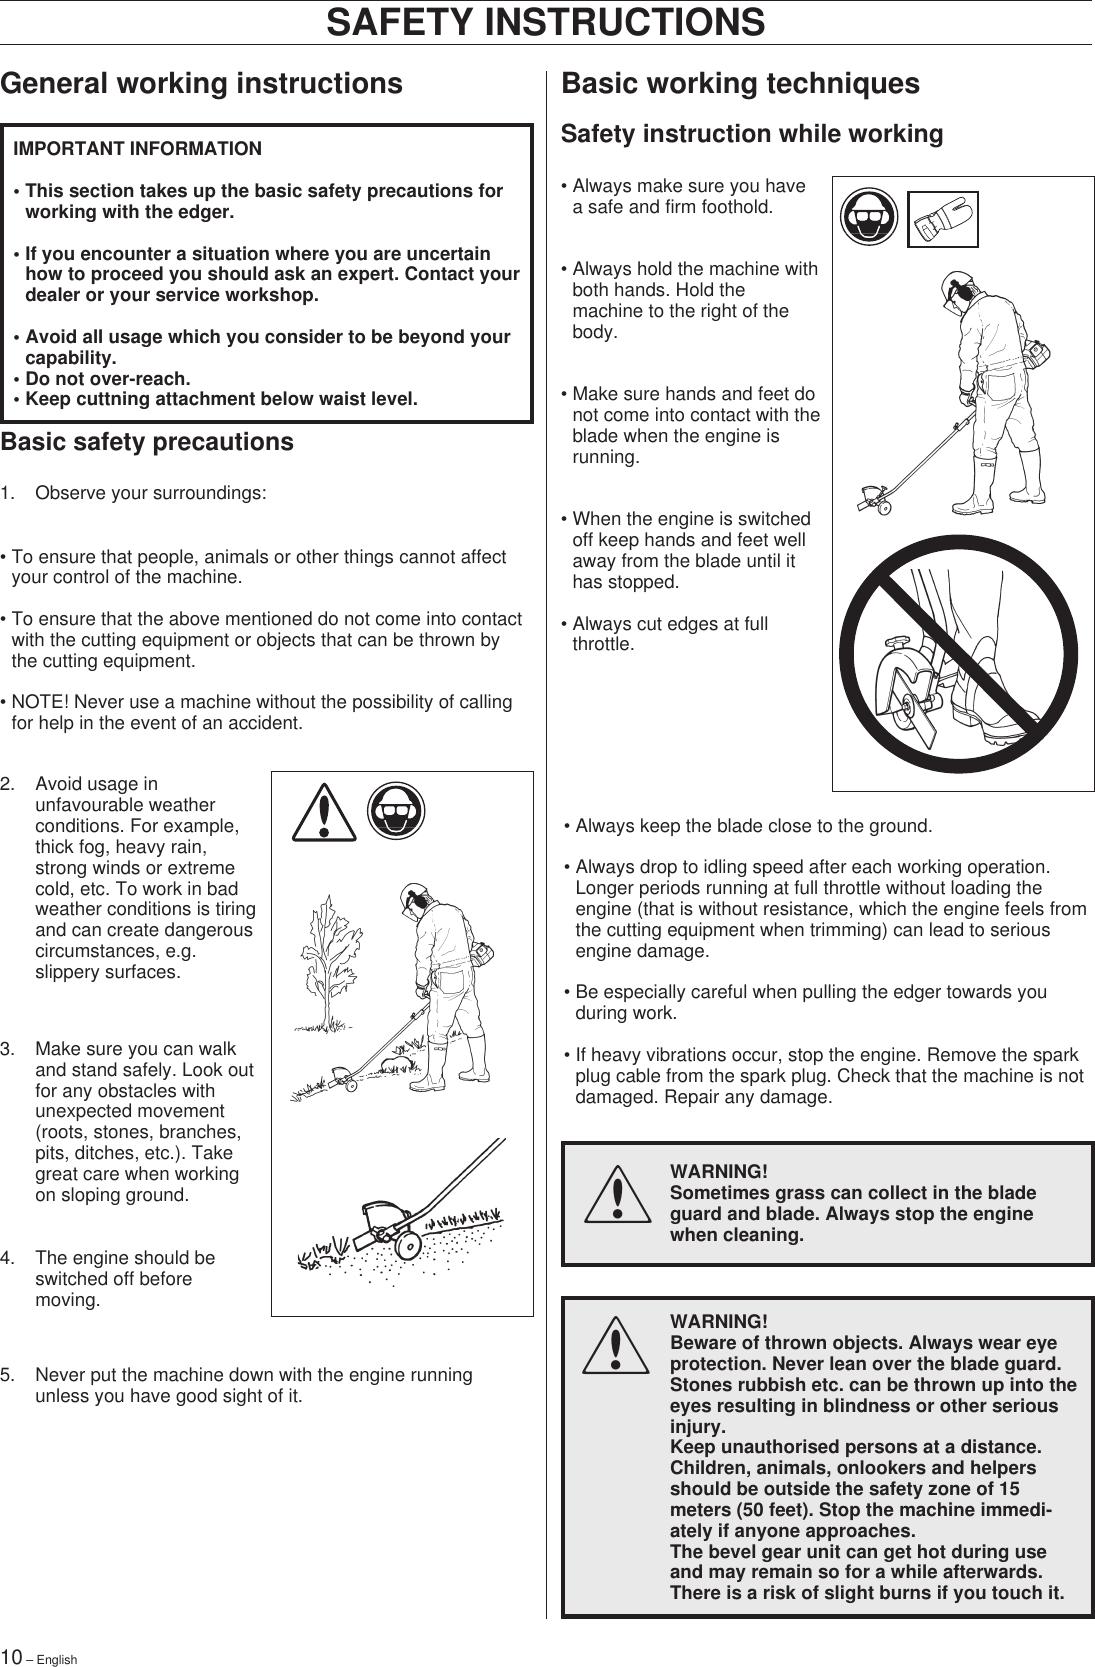 Husqvarna 326Ex Users Manual OM, 326 E X Series, CARB II